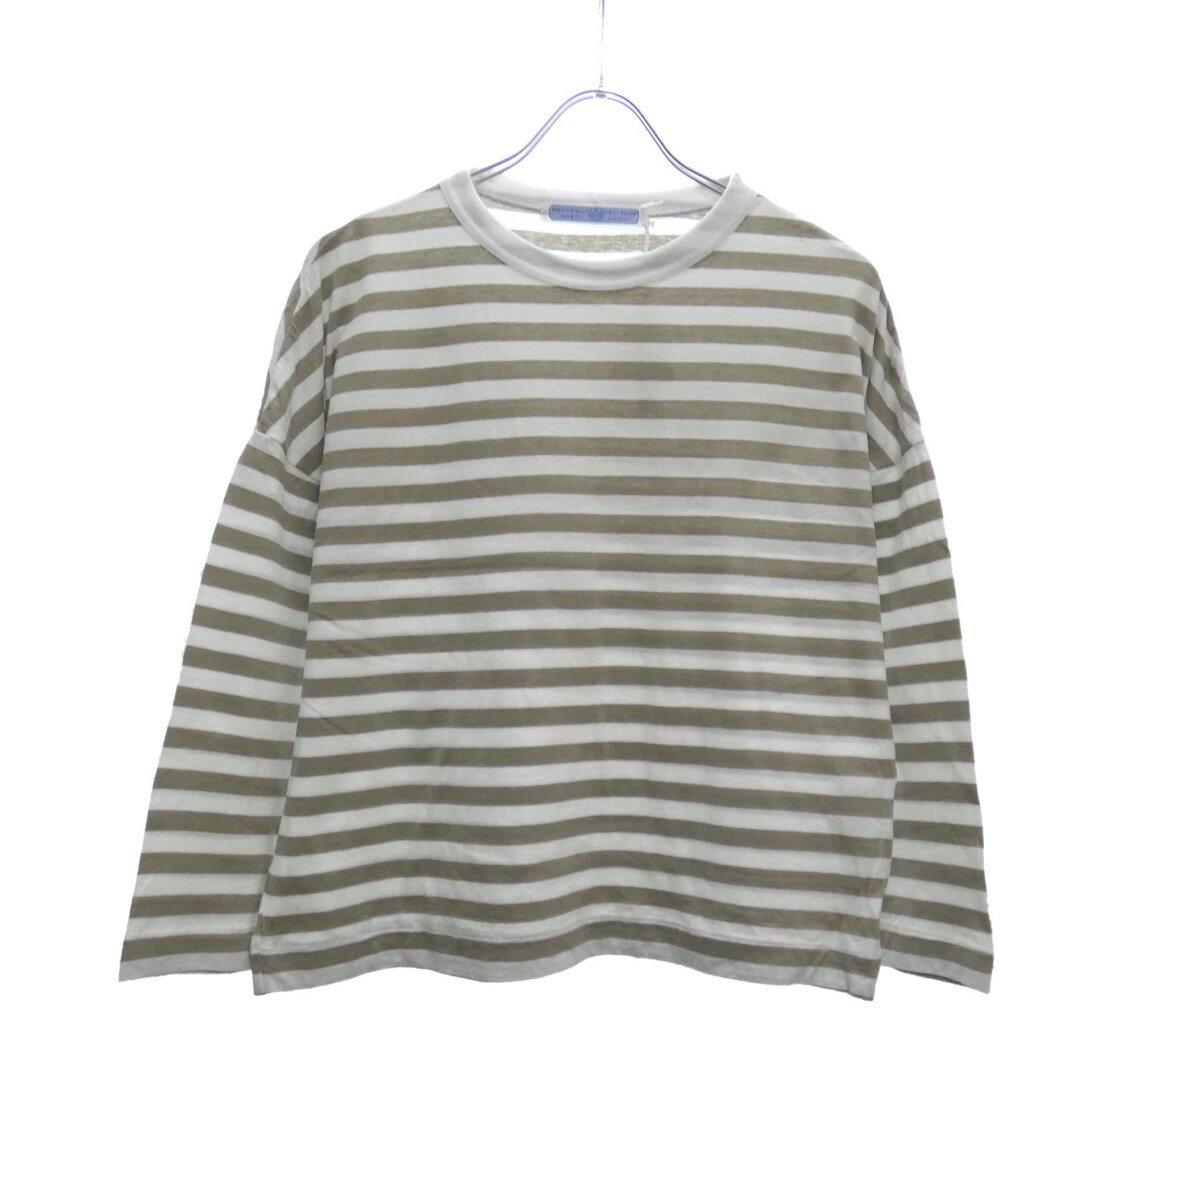 トップス, Tシャツ・カットソー RD M Co - OLDMANS TAILOR 2019SS 280100 KIND1828